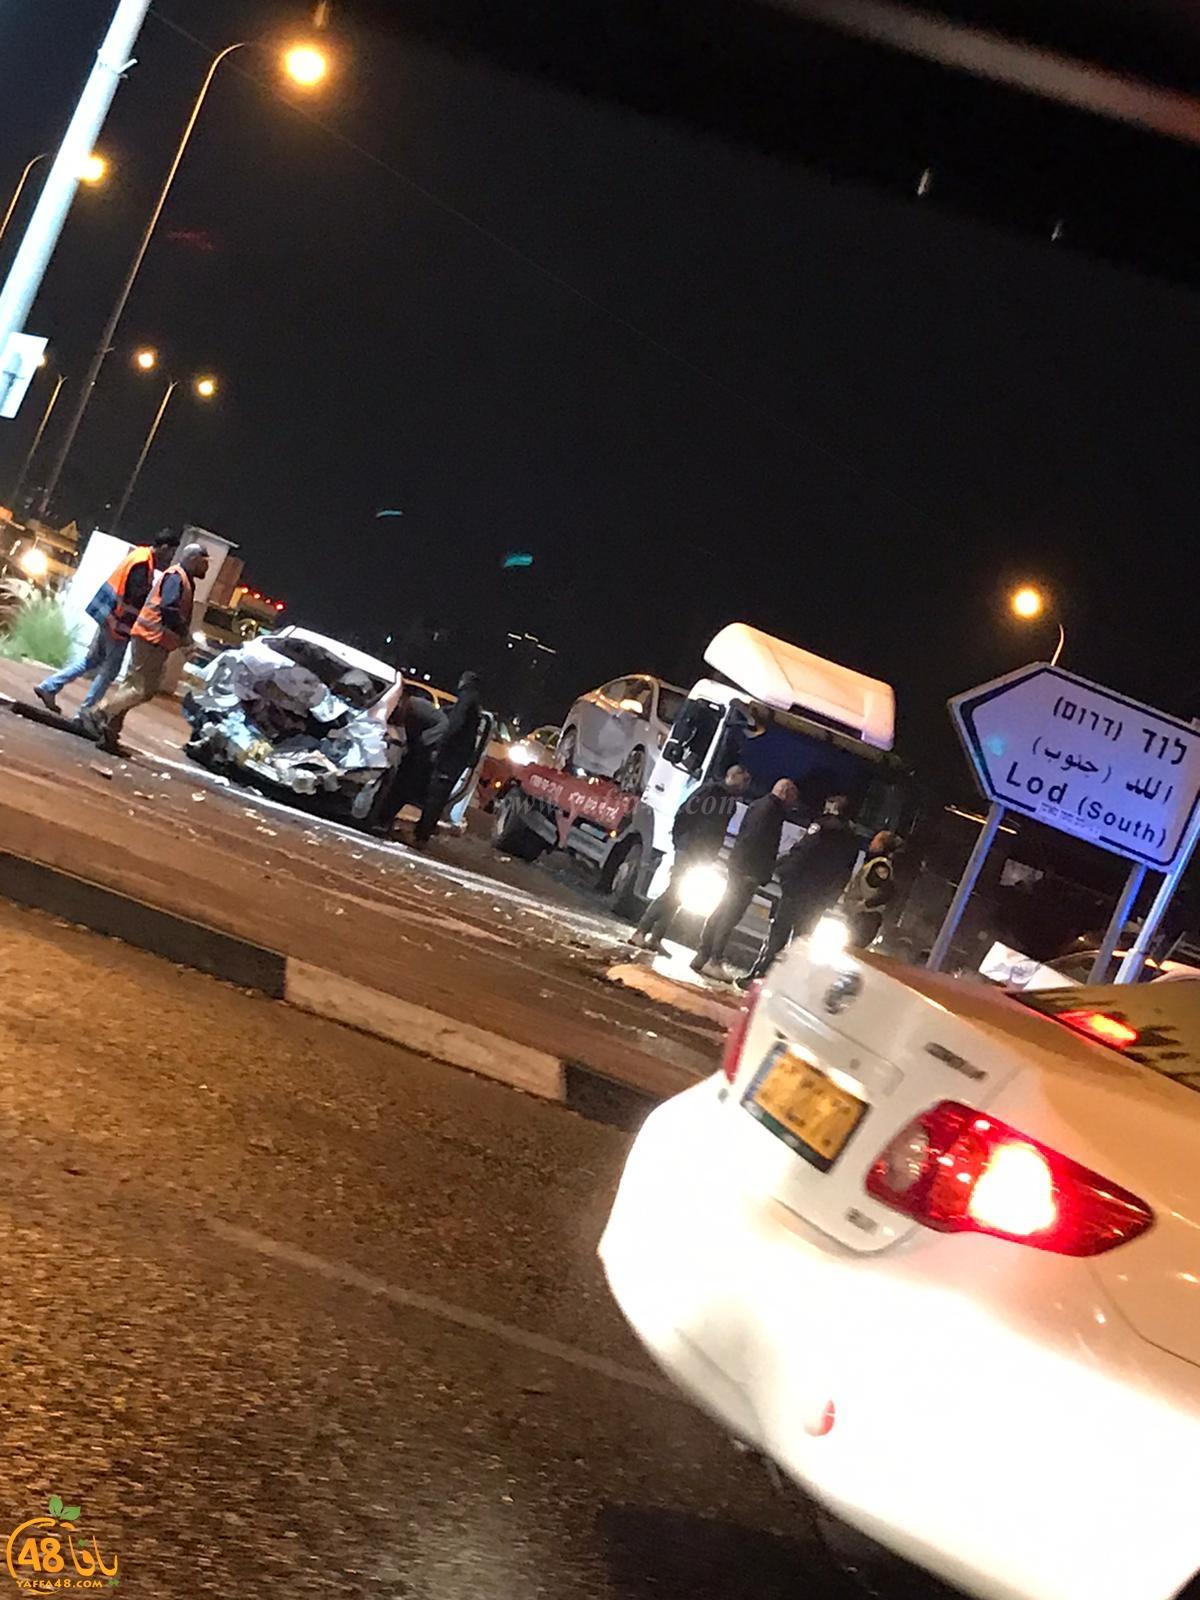 اصابات وأضرار بحادث طرق في مفرق احي سيمخ باللد